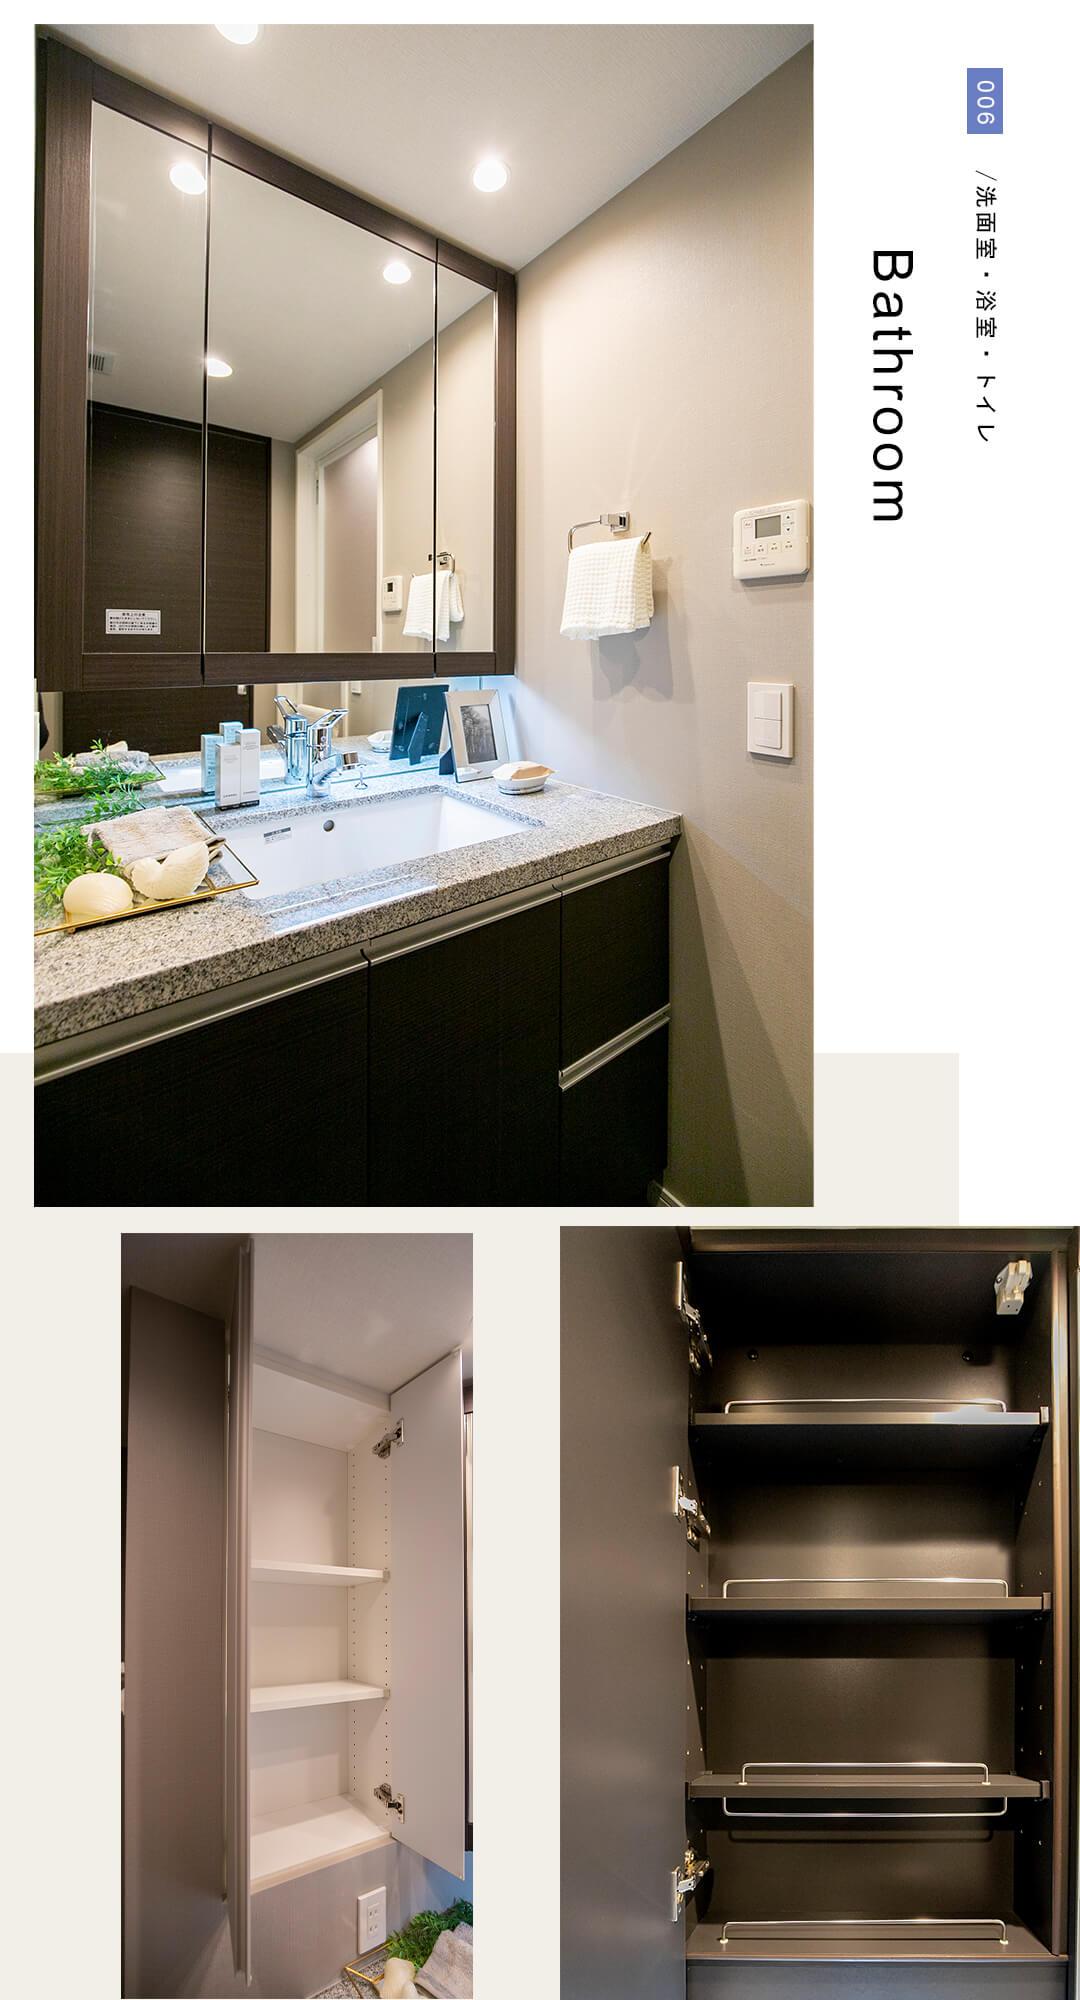 ザ・パークハウスアーバンス御成門の洗面室